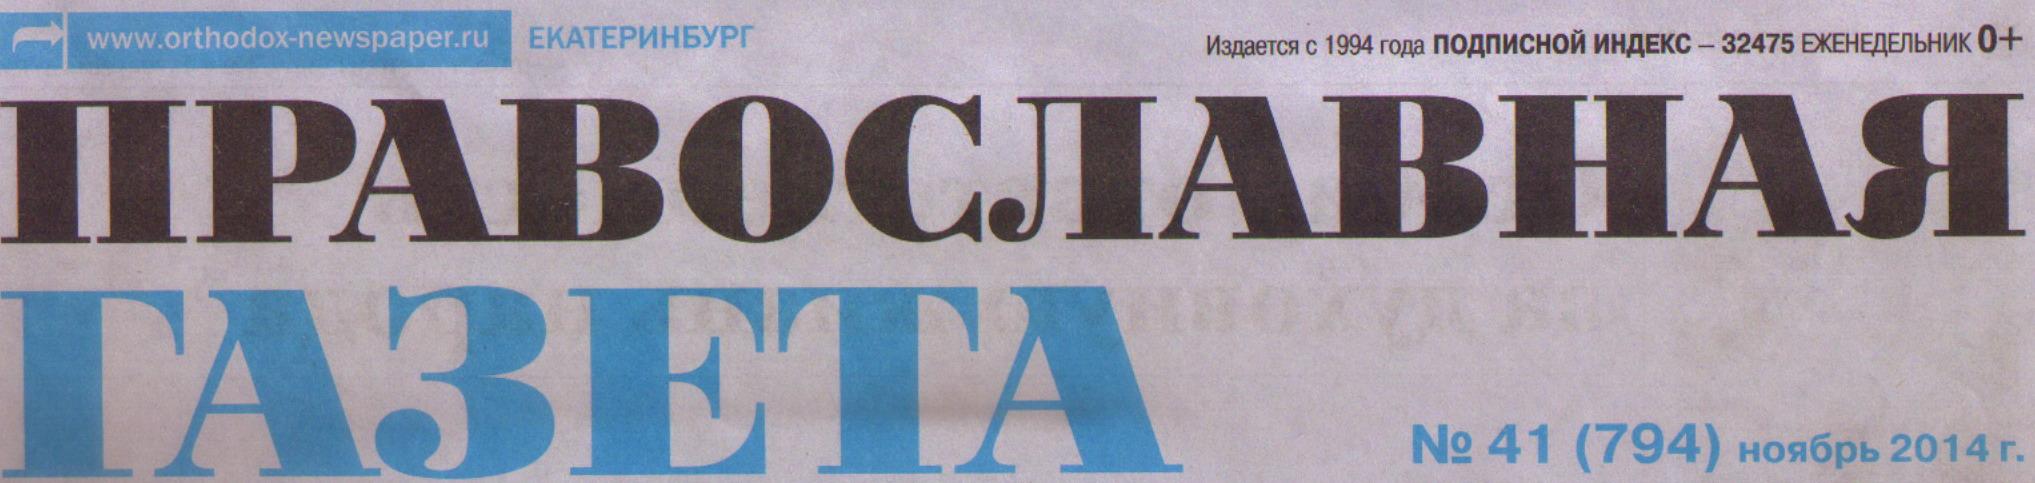 екатеринбург знакомства газета